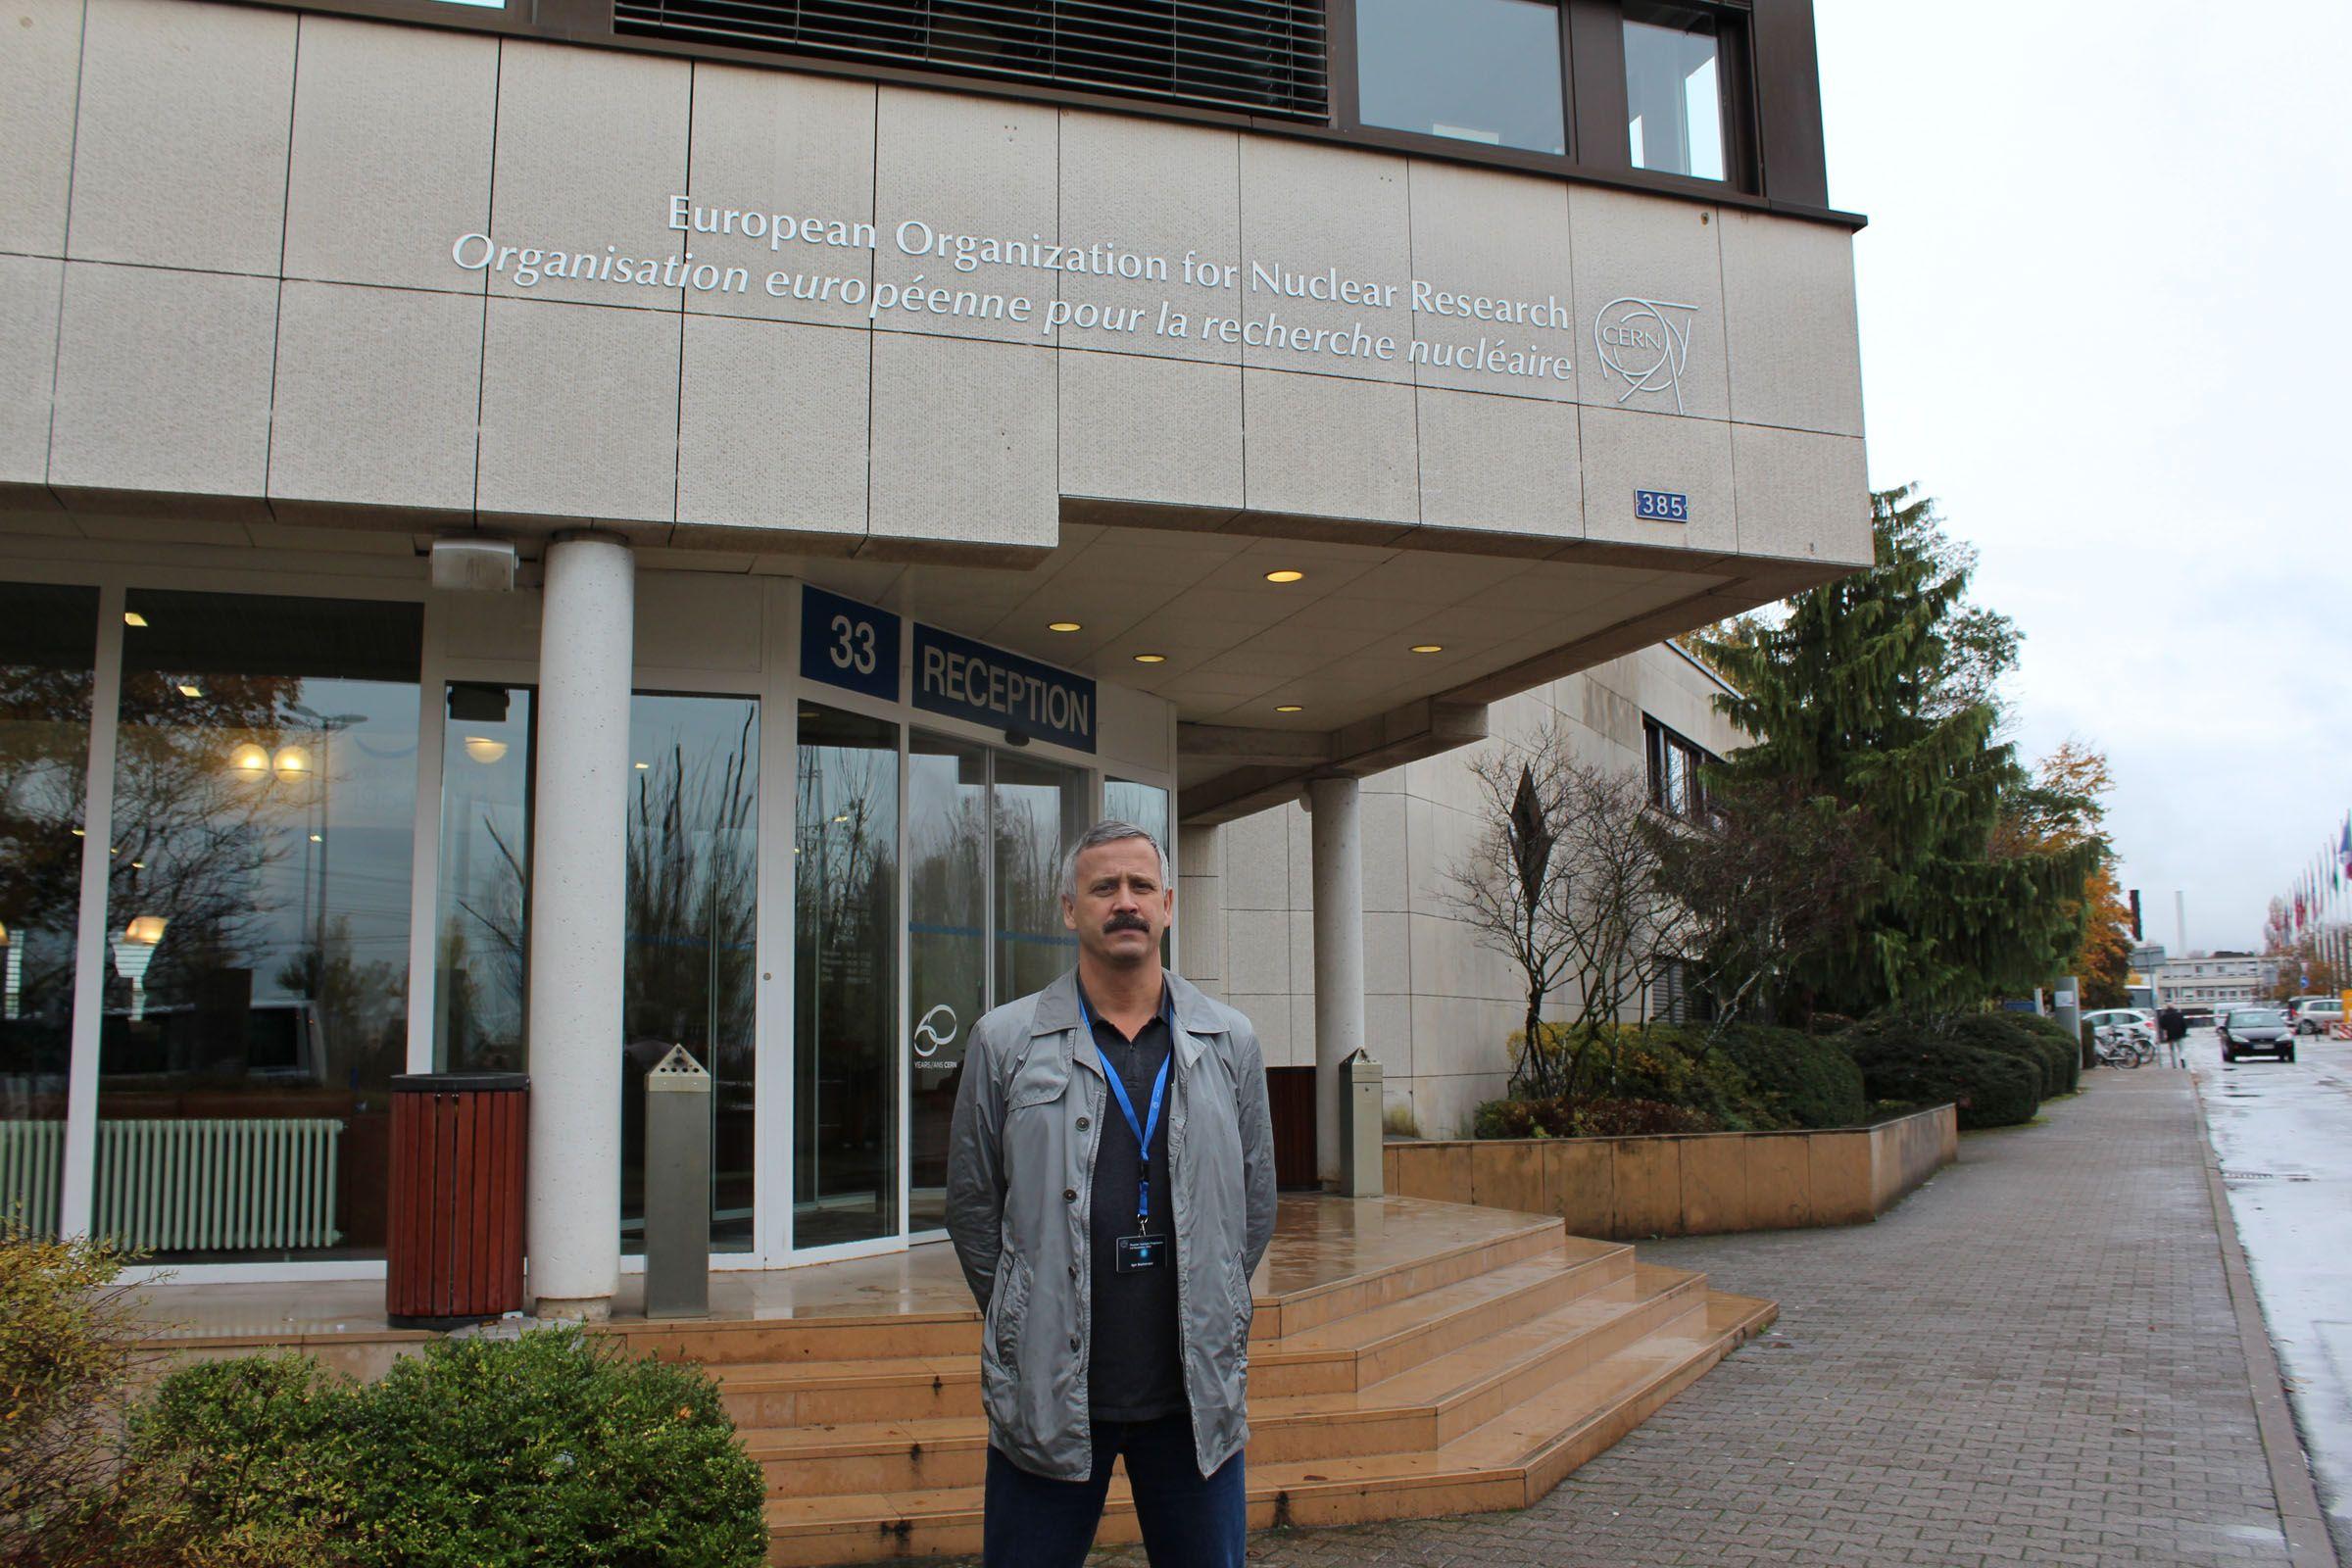 Преподаватель ВГУЭС Игорь Бажанский принял участие в VI Научной школе, организованной Европейской организацией ядерных исследований